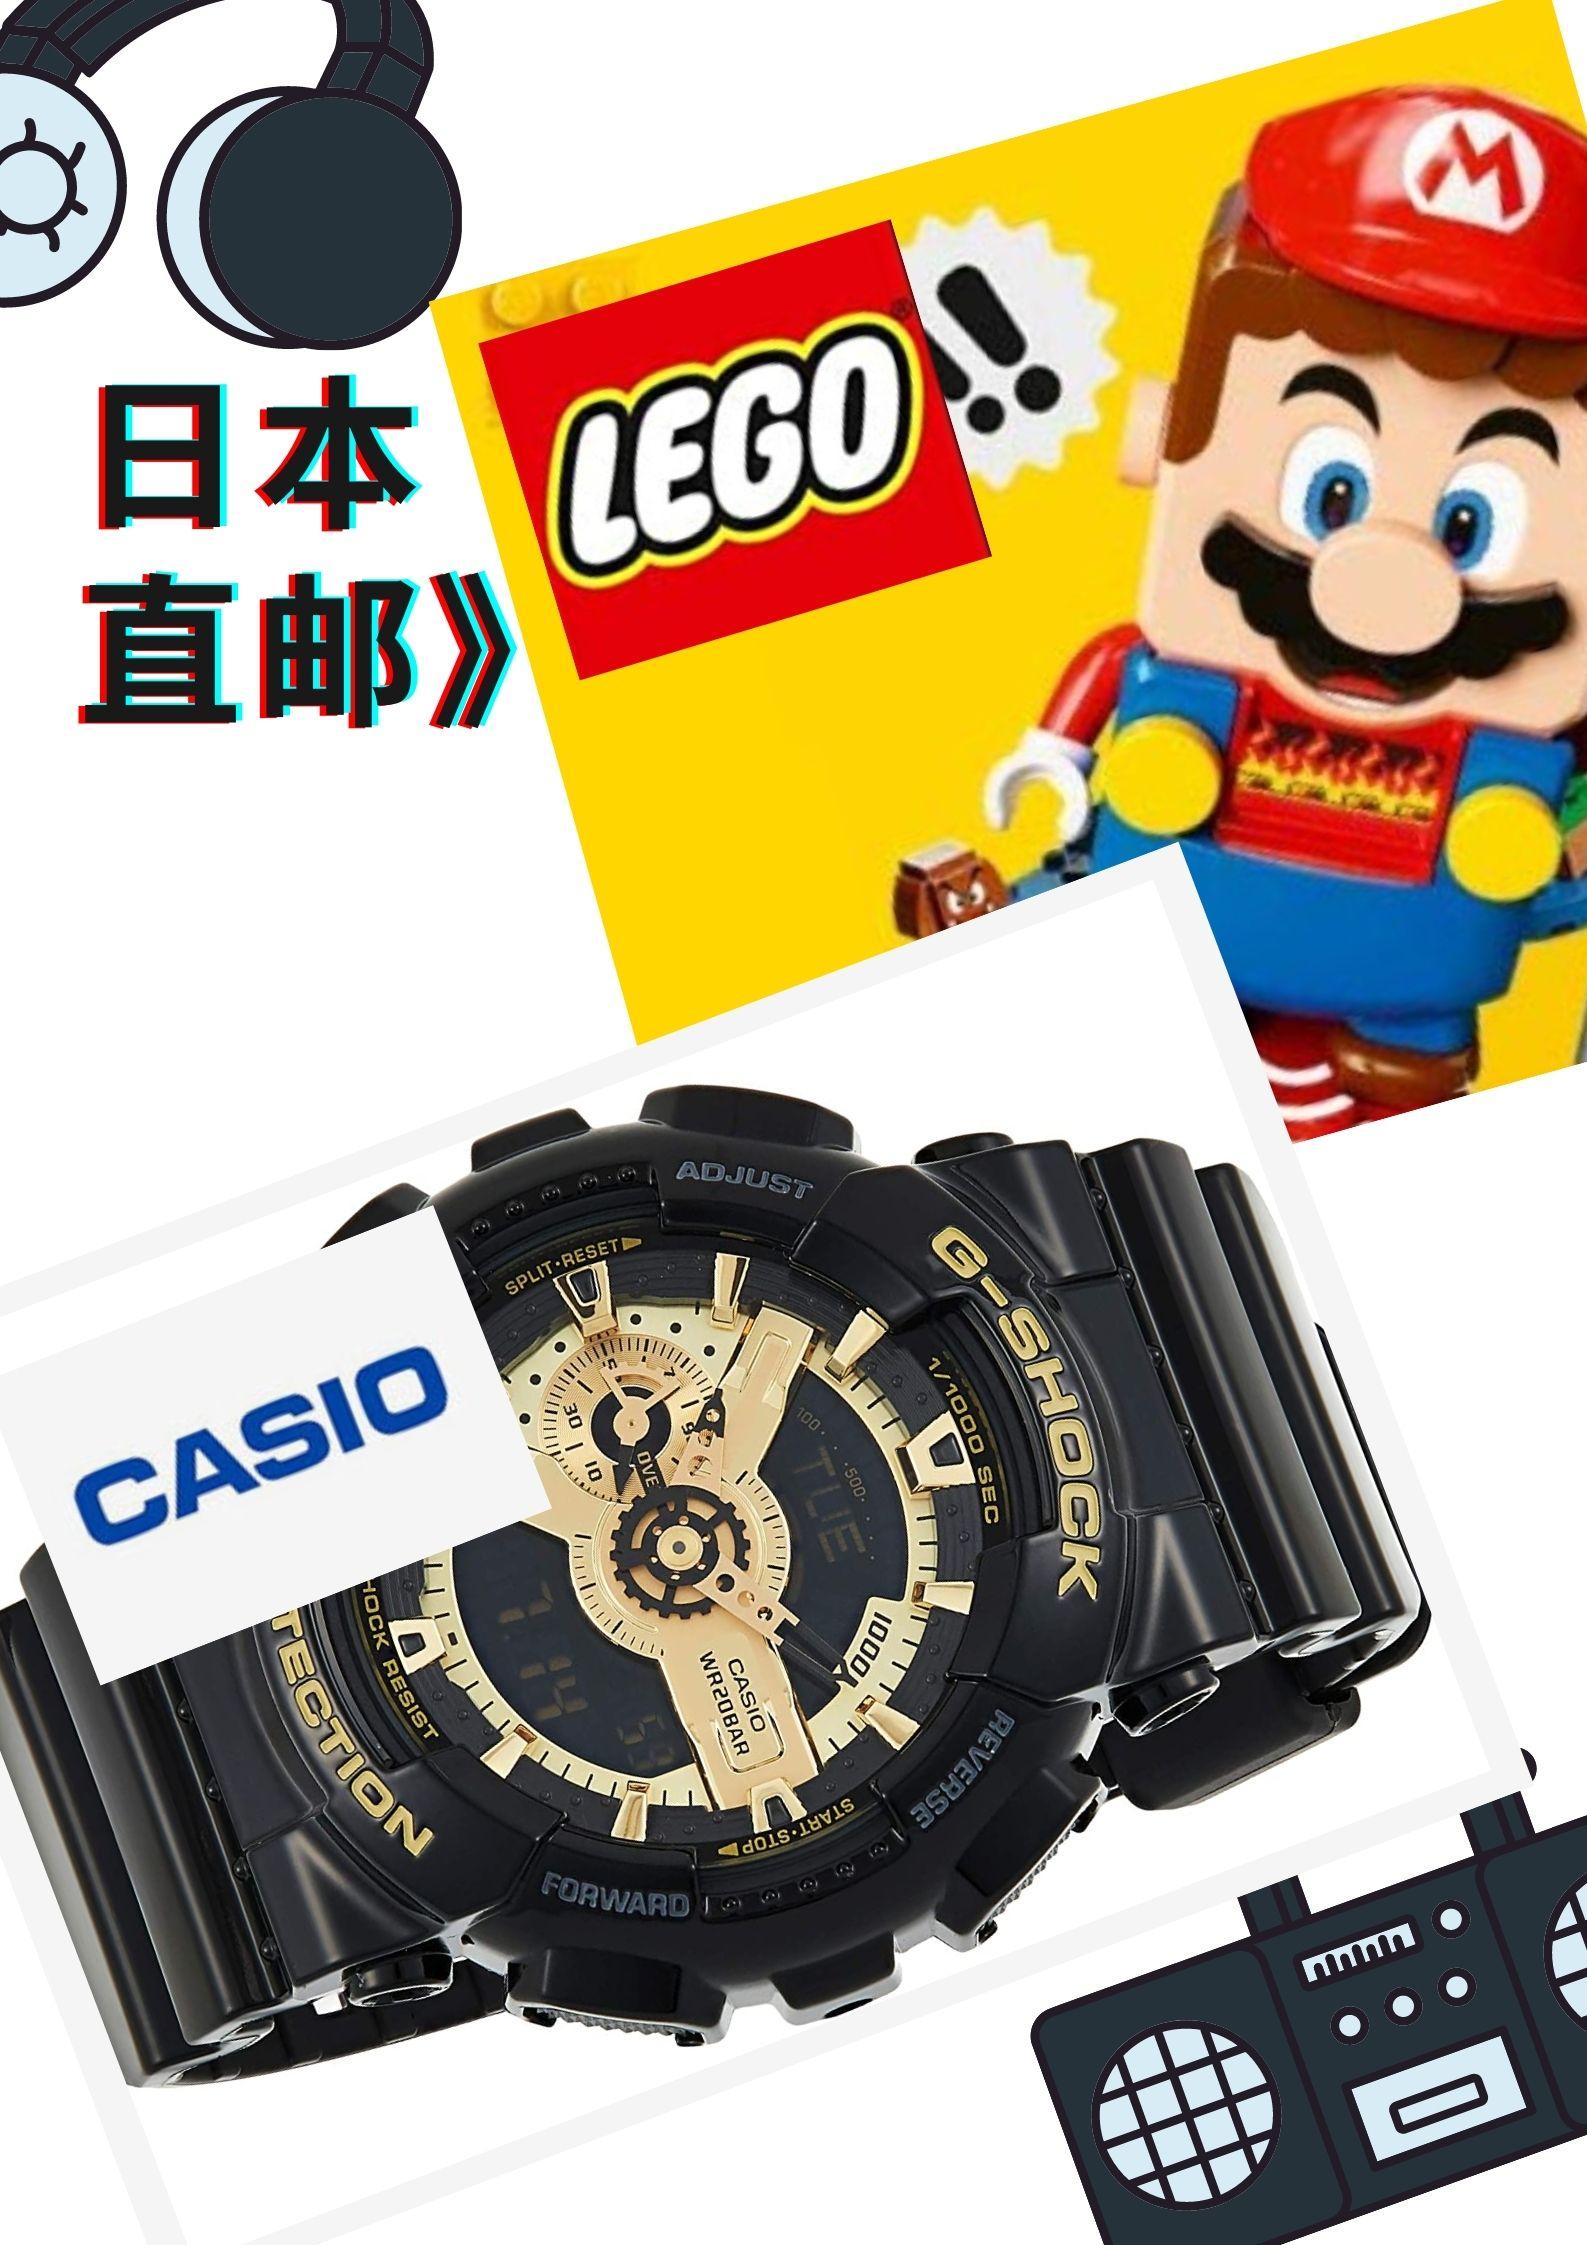 海外购日本直邮商品示例:乐高Lego及卡西欧Casio等热卖品牌